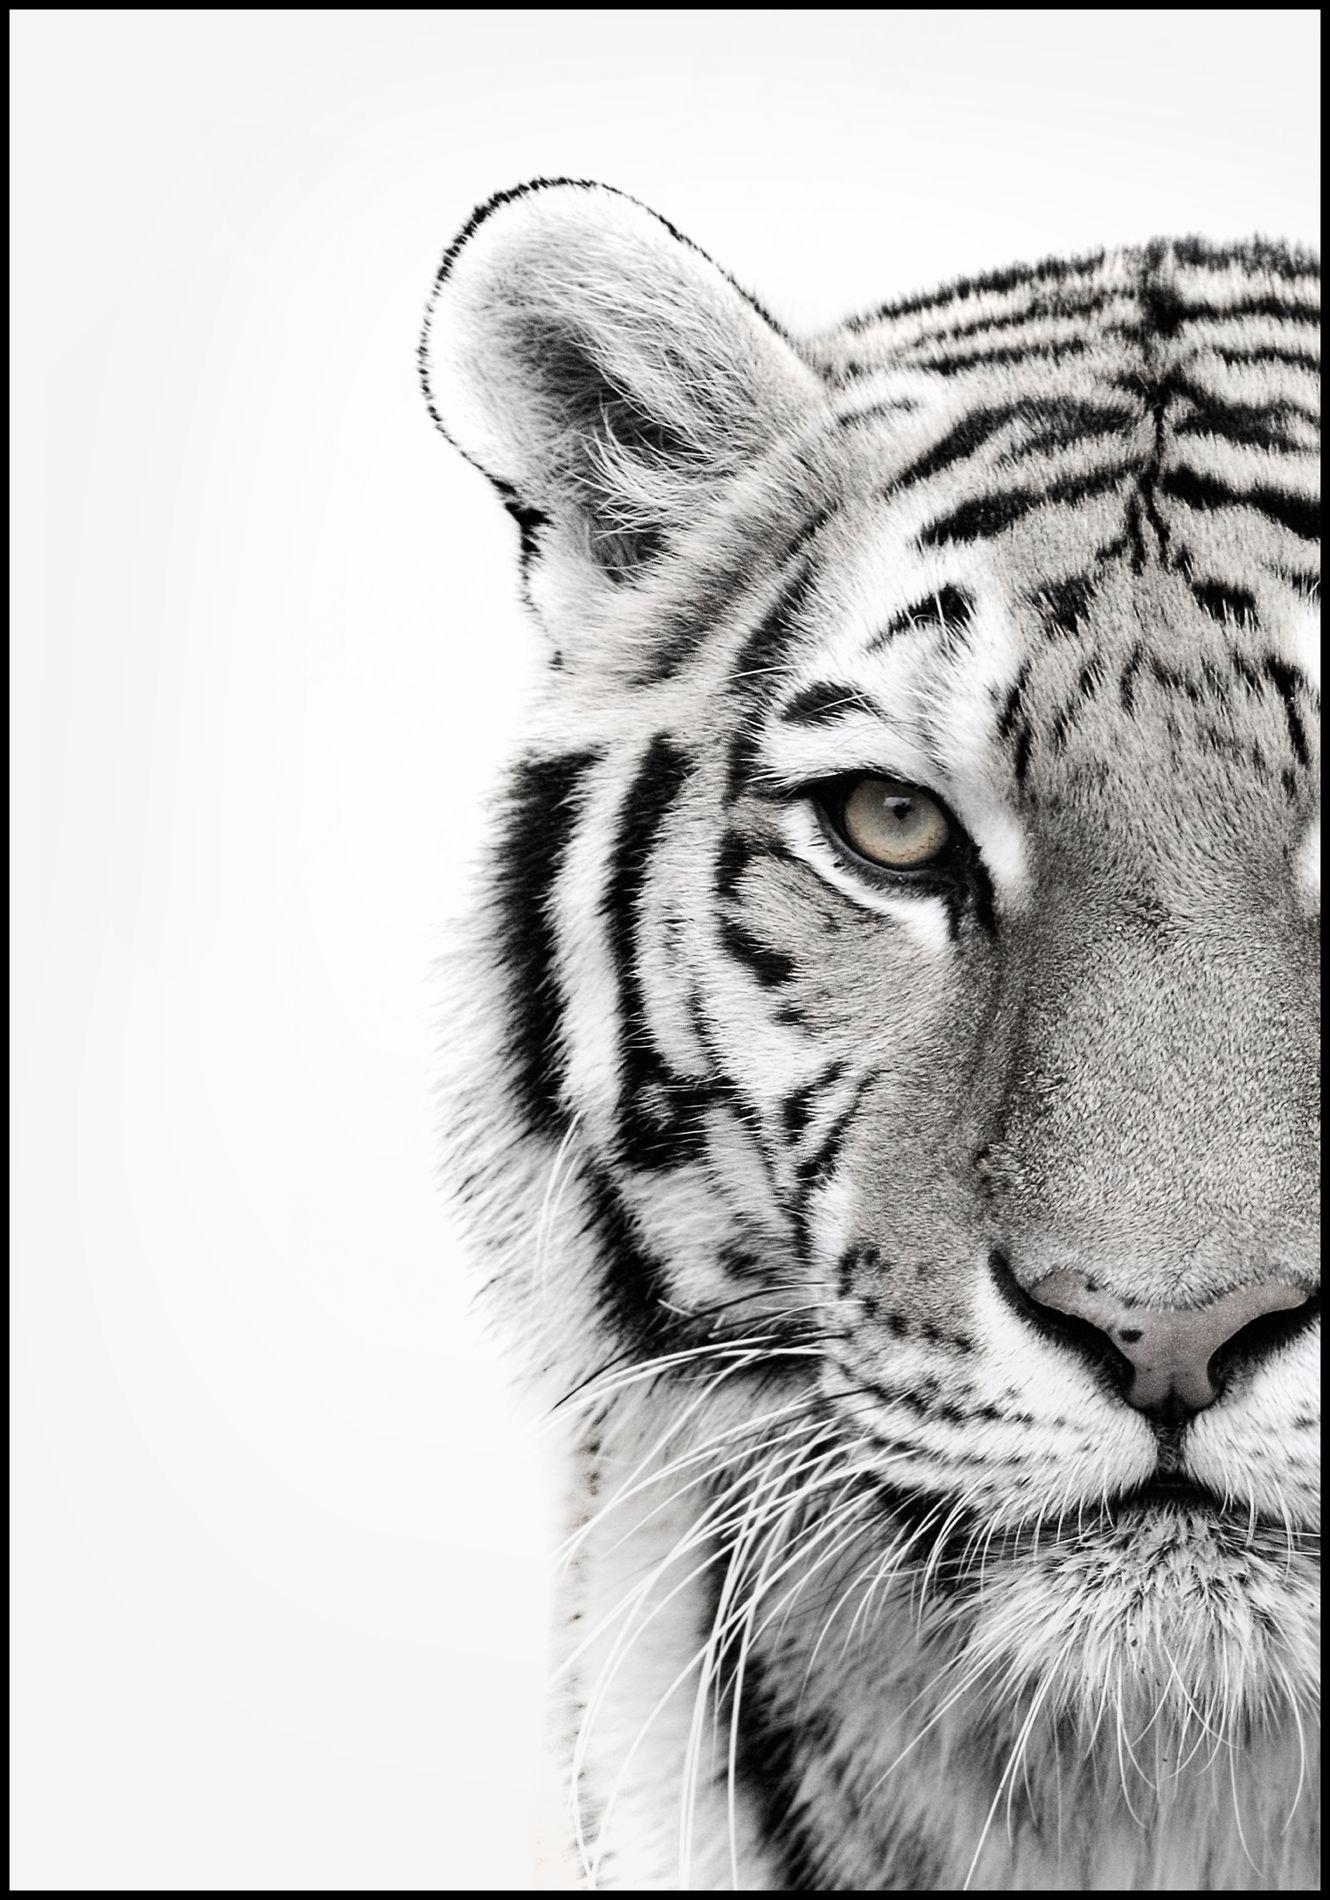 Saisissez Votre Appartement Tiger Aubaine Exuberant Souverain Et Fantaisiste Dessins De Tatouage En 2020 Affiche Noir Et Blanc Tatouage De Tigre Blanc Art Tigre